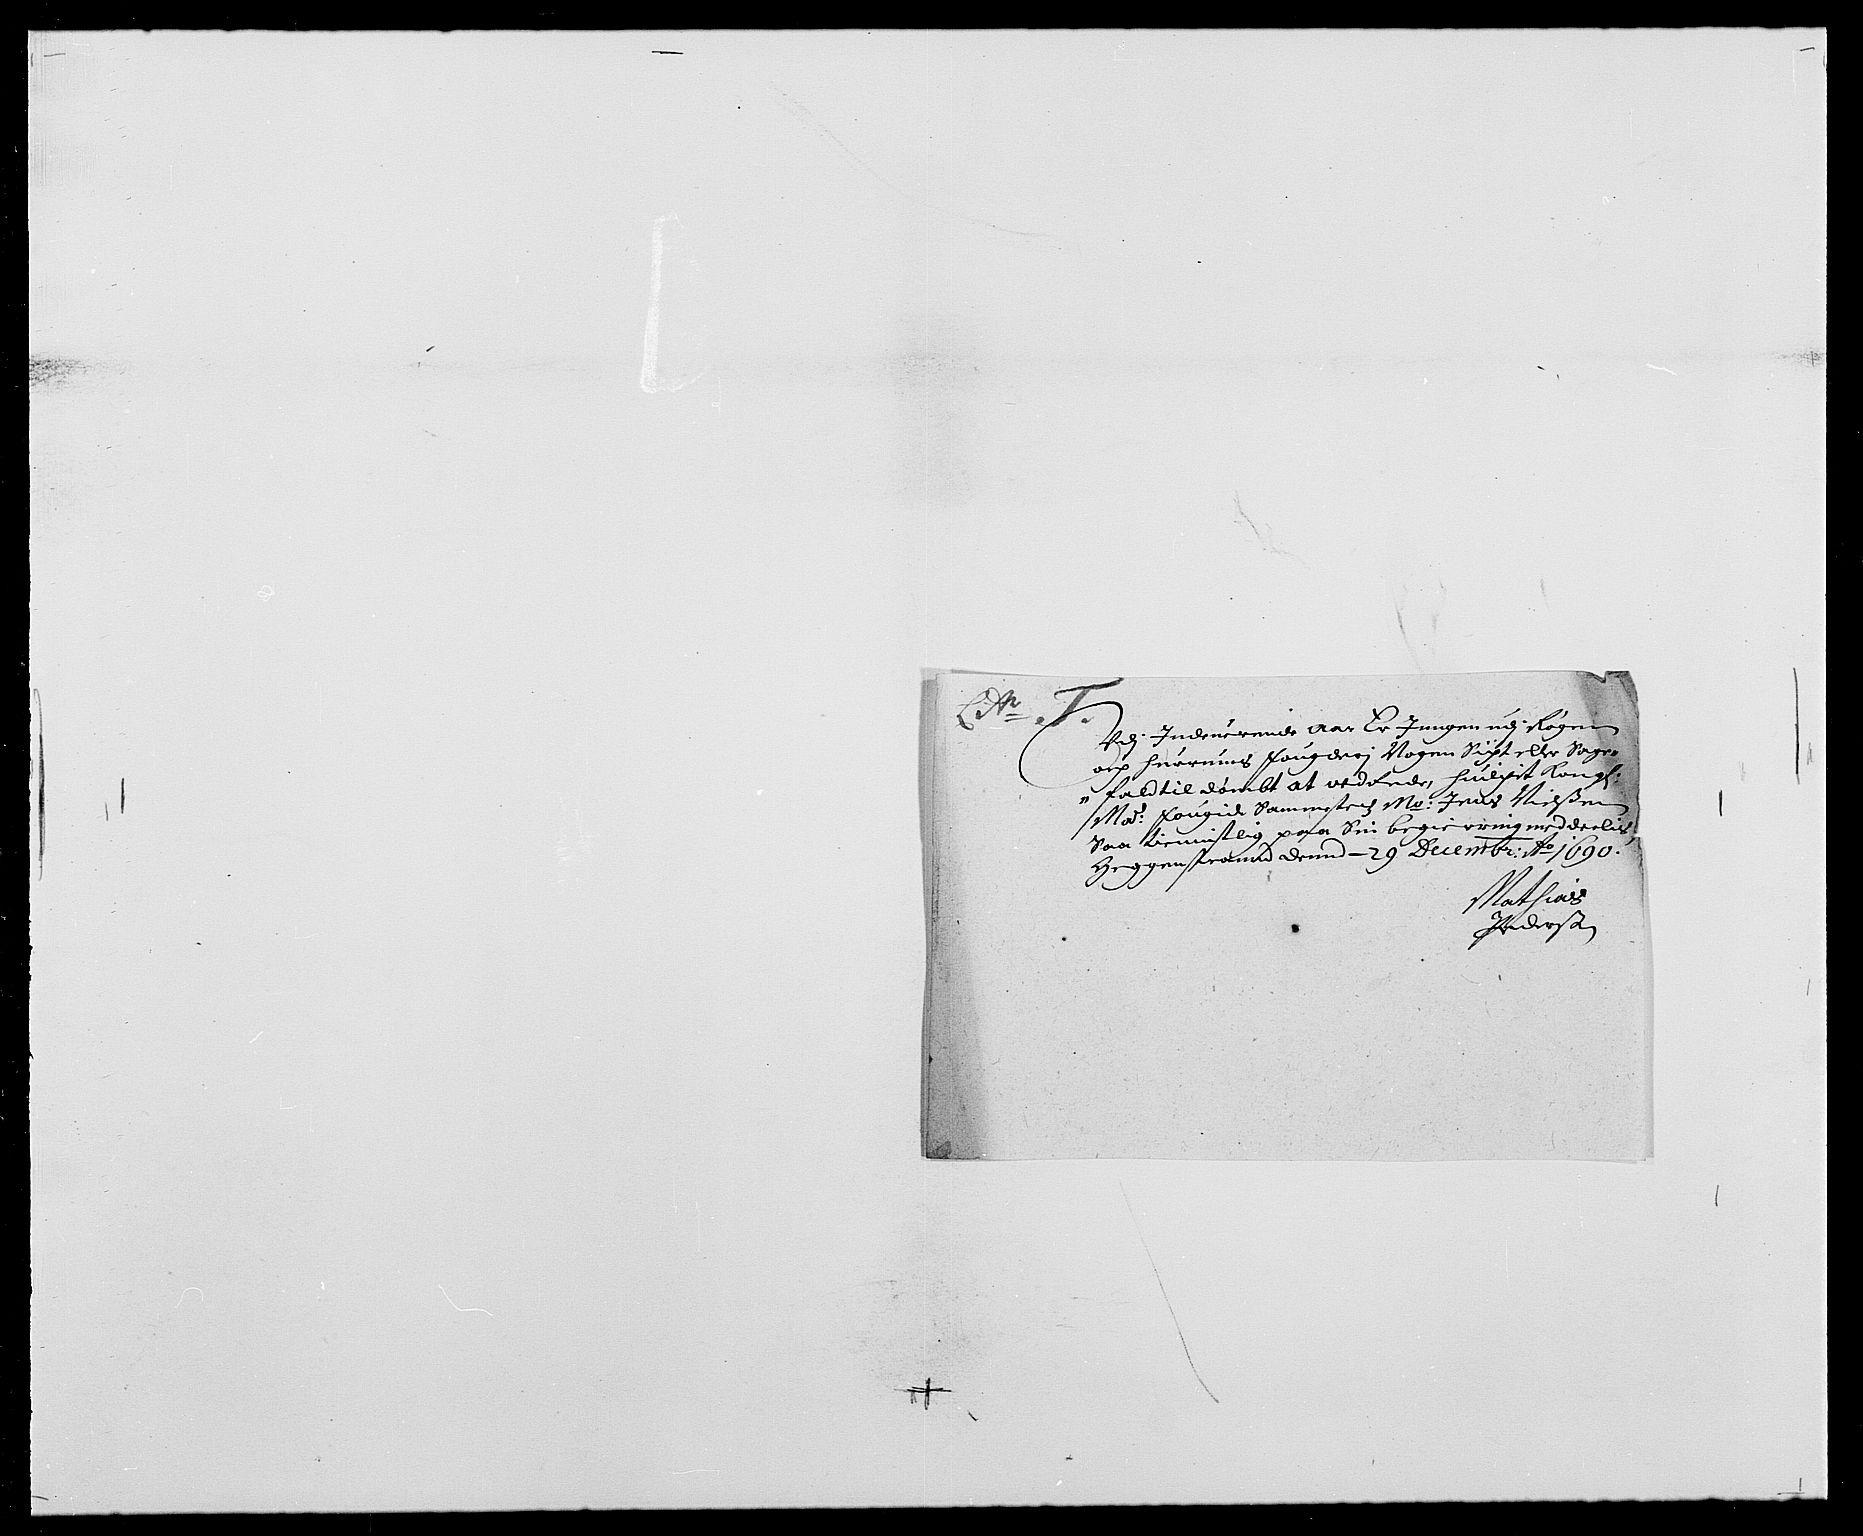 RA, Rentekammeret inntil 1814, Reviderte regnskaper, Fogderegnskap, R29/L1693: Fogderegnskap Hurum og Røyken, 1688-1693, s. 150